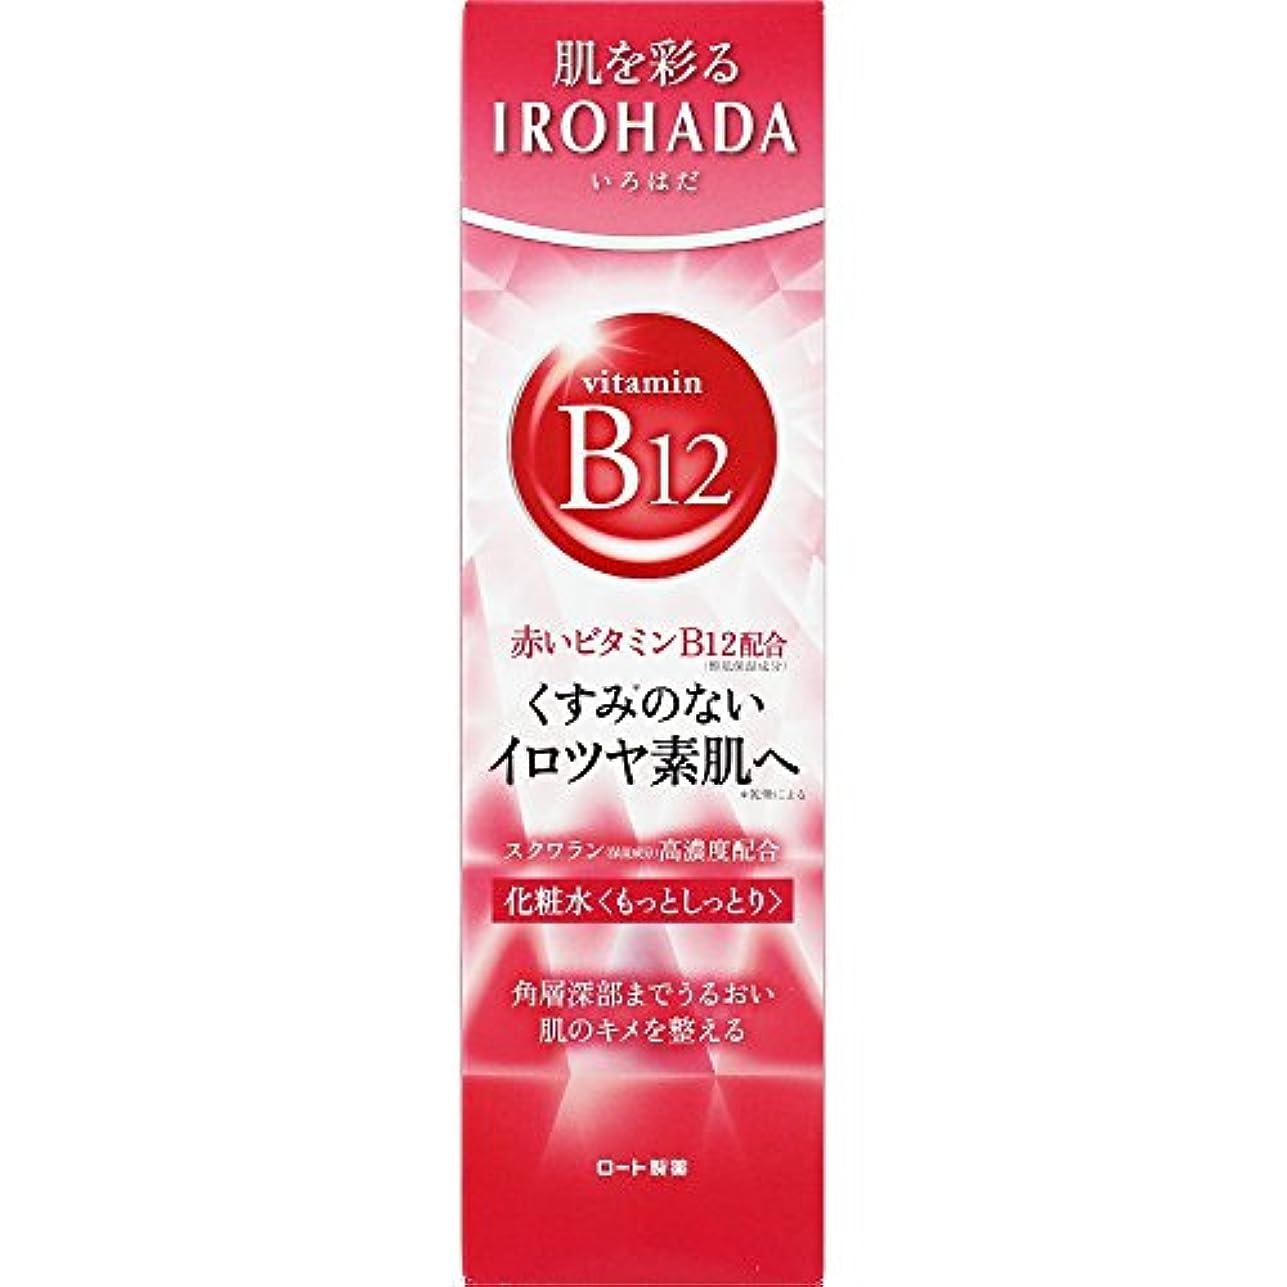 月並外れて水っぽいロート製薬 いろはだ (IROHADA) 赤いビタミンB12×スクワラン配合 化粧水もっとしっとり 160ml